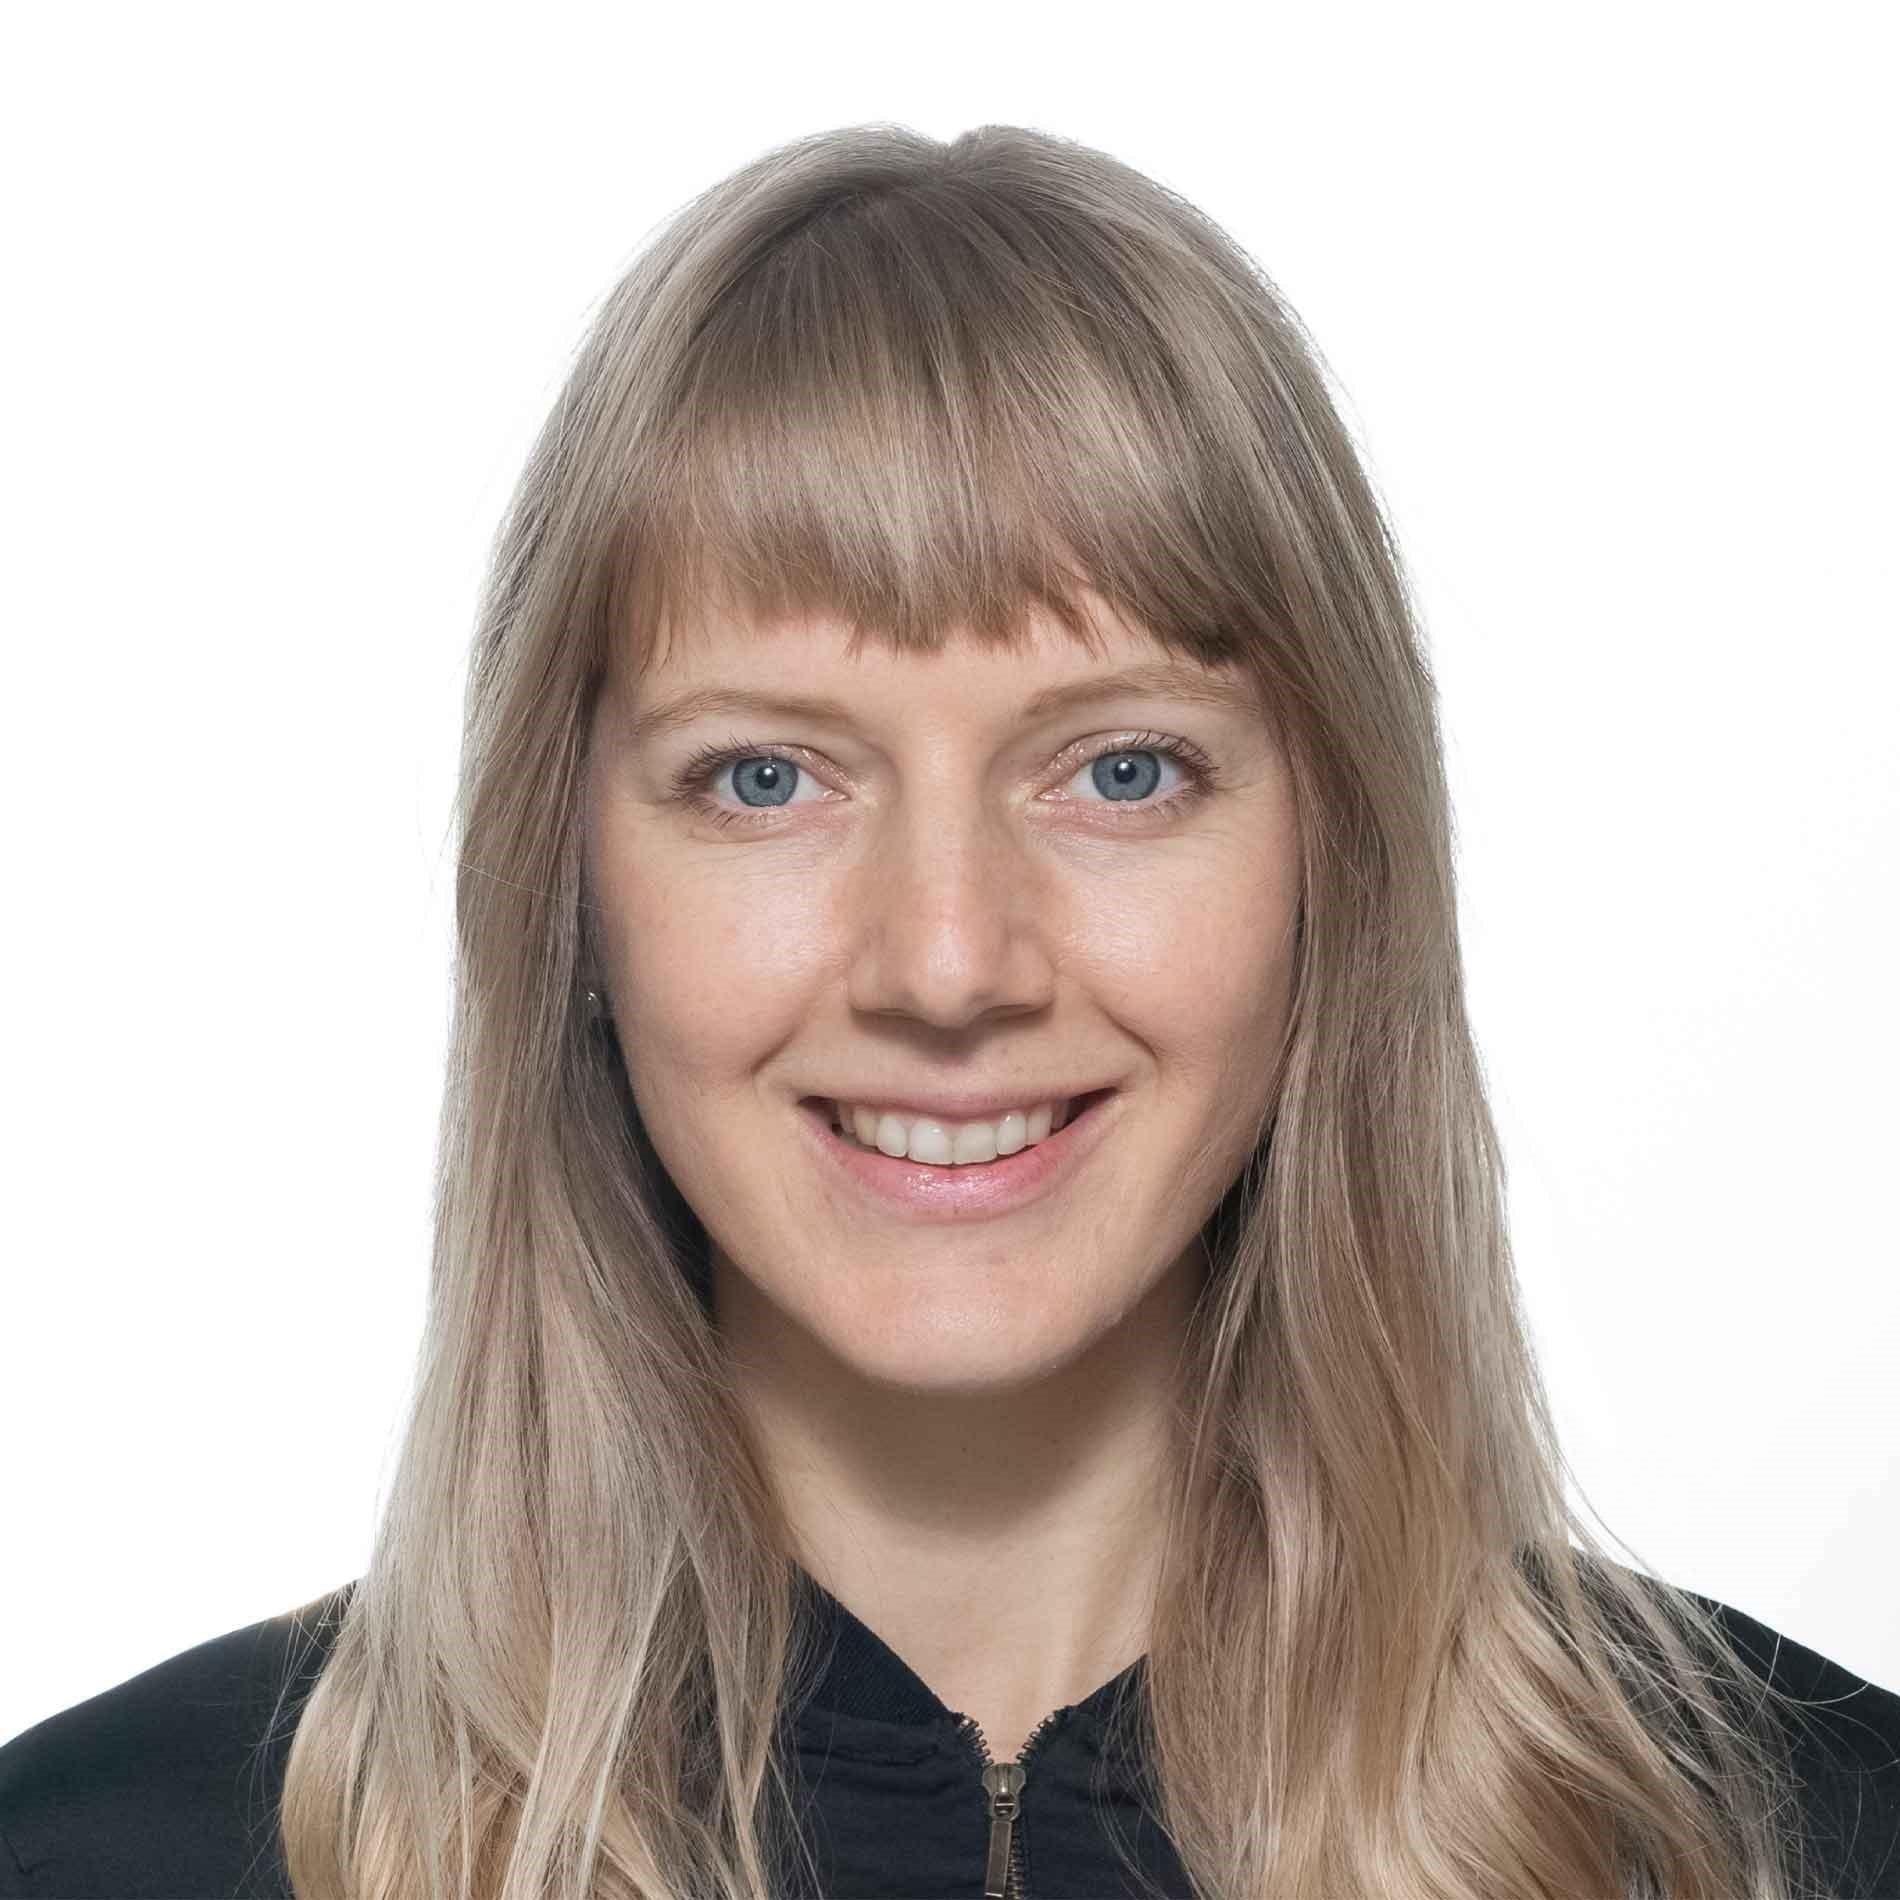 Katie Wheaton